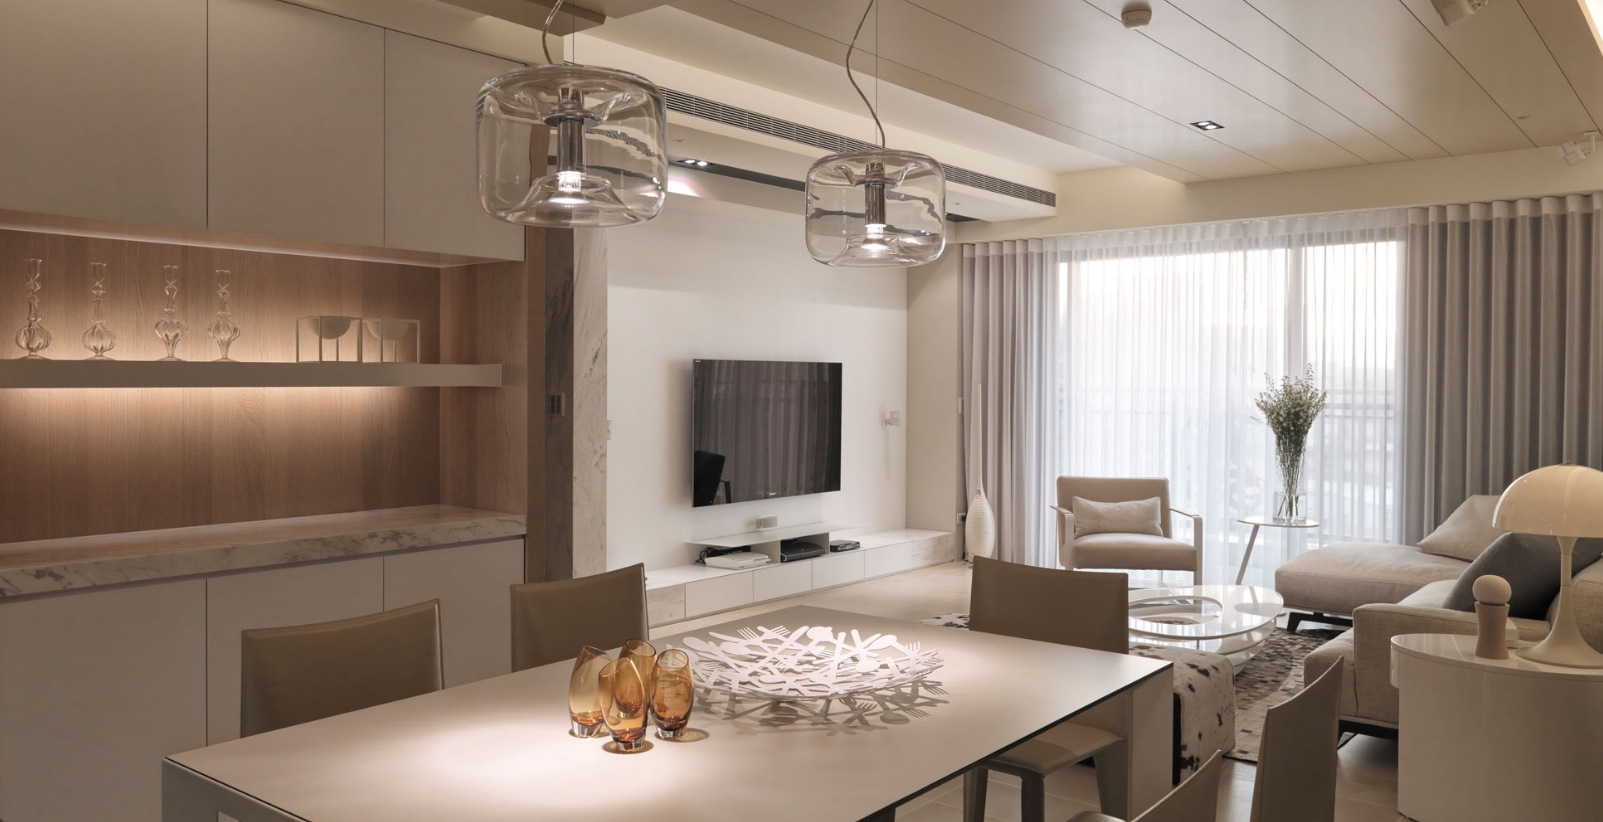 Mini appartamenti 5 soluzioni sorprendenti dai 40 ai 50 for Arredare piccoli appartamenti